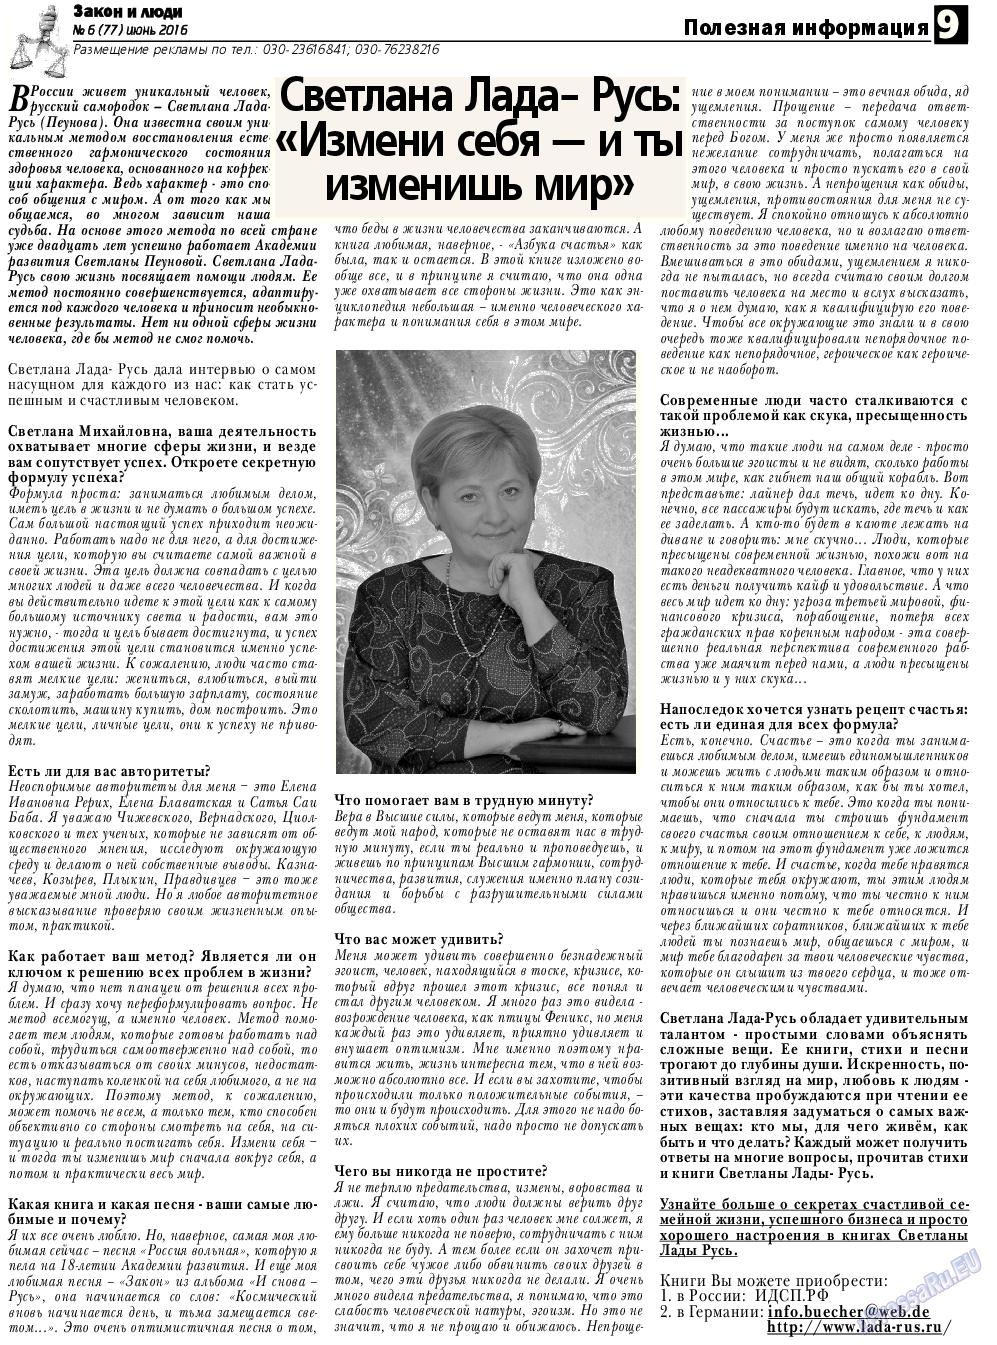 Закон и люди (газета). 2016 год, номер 6, стр. 9